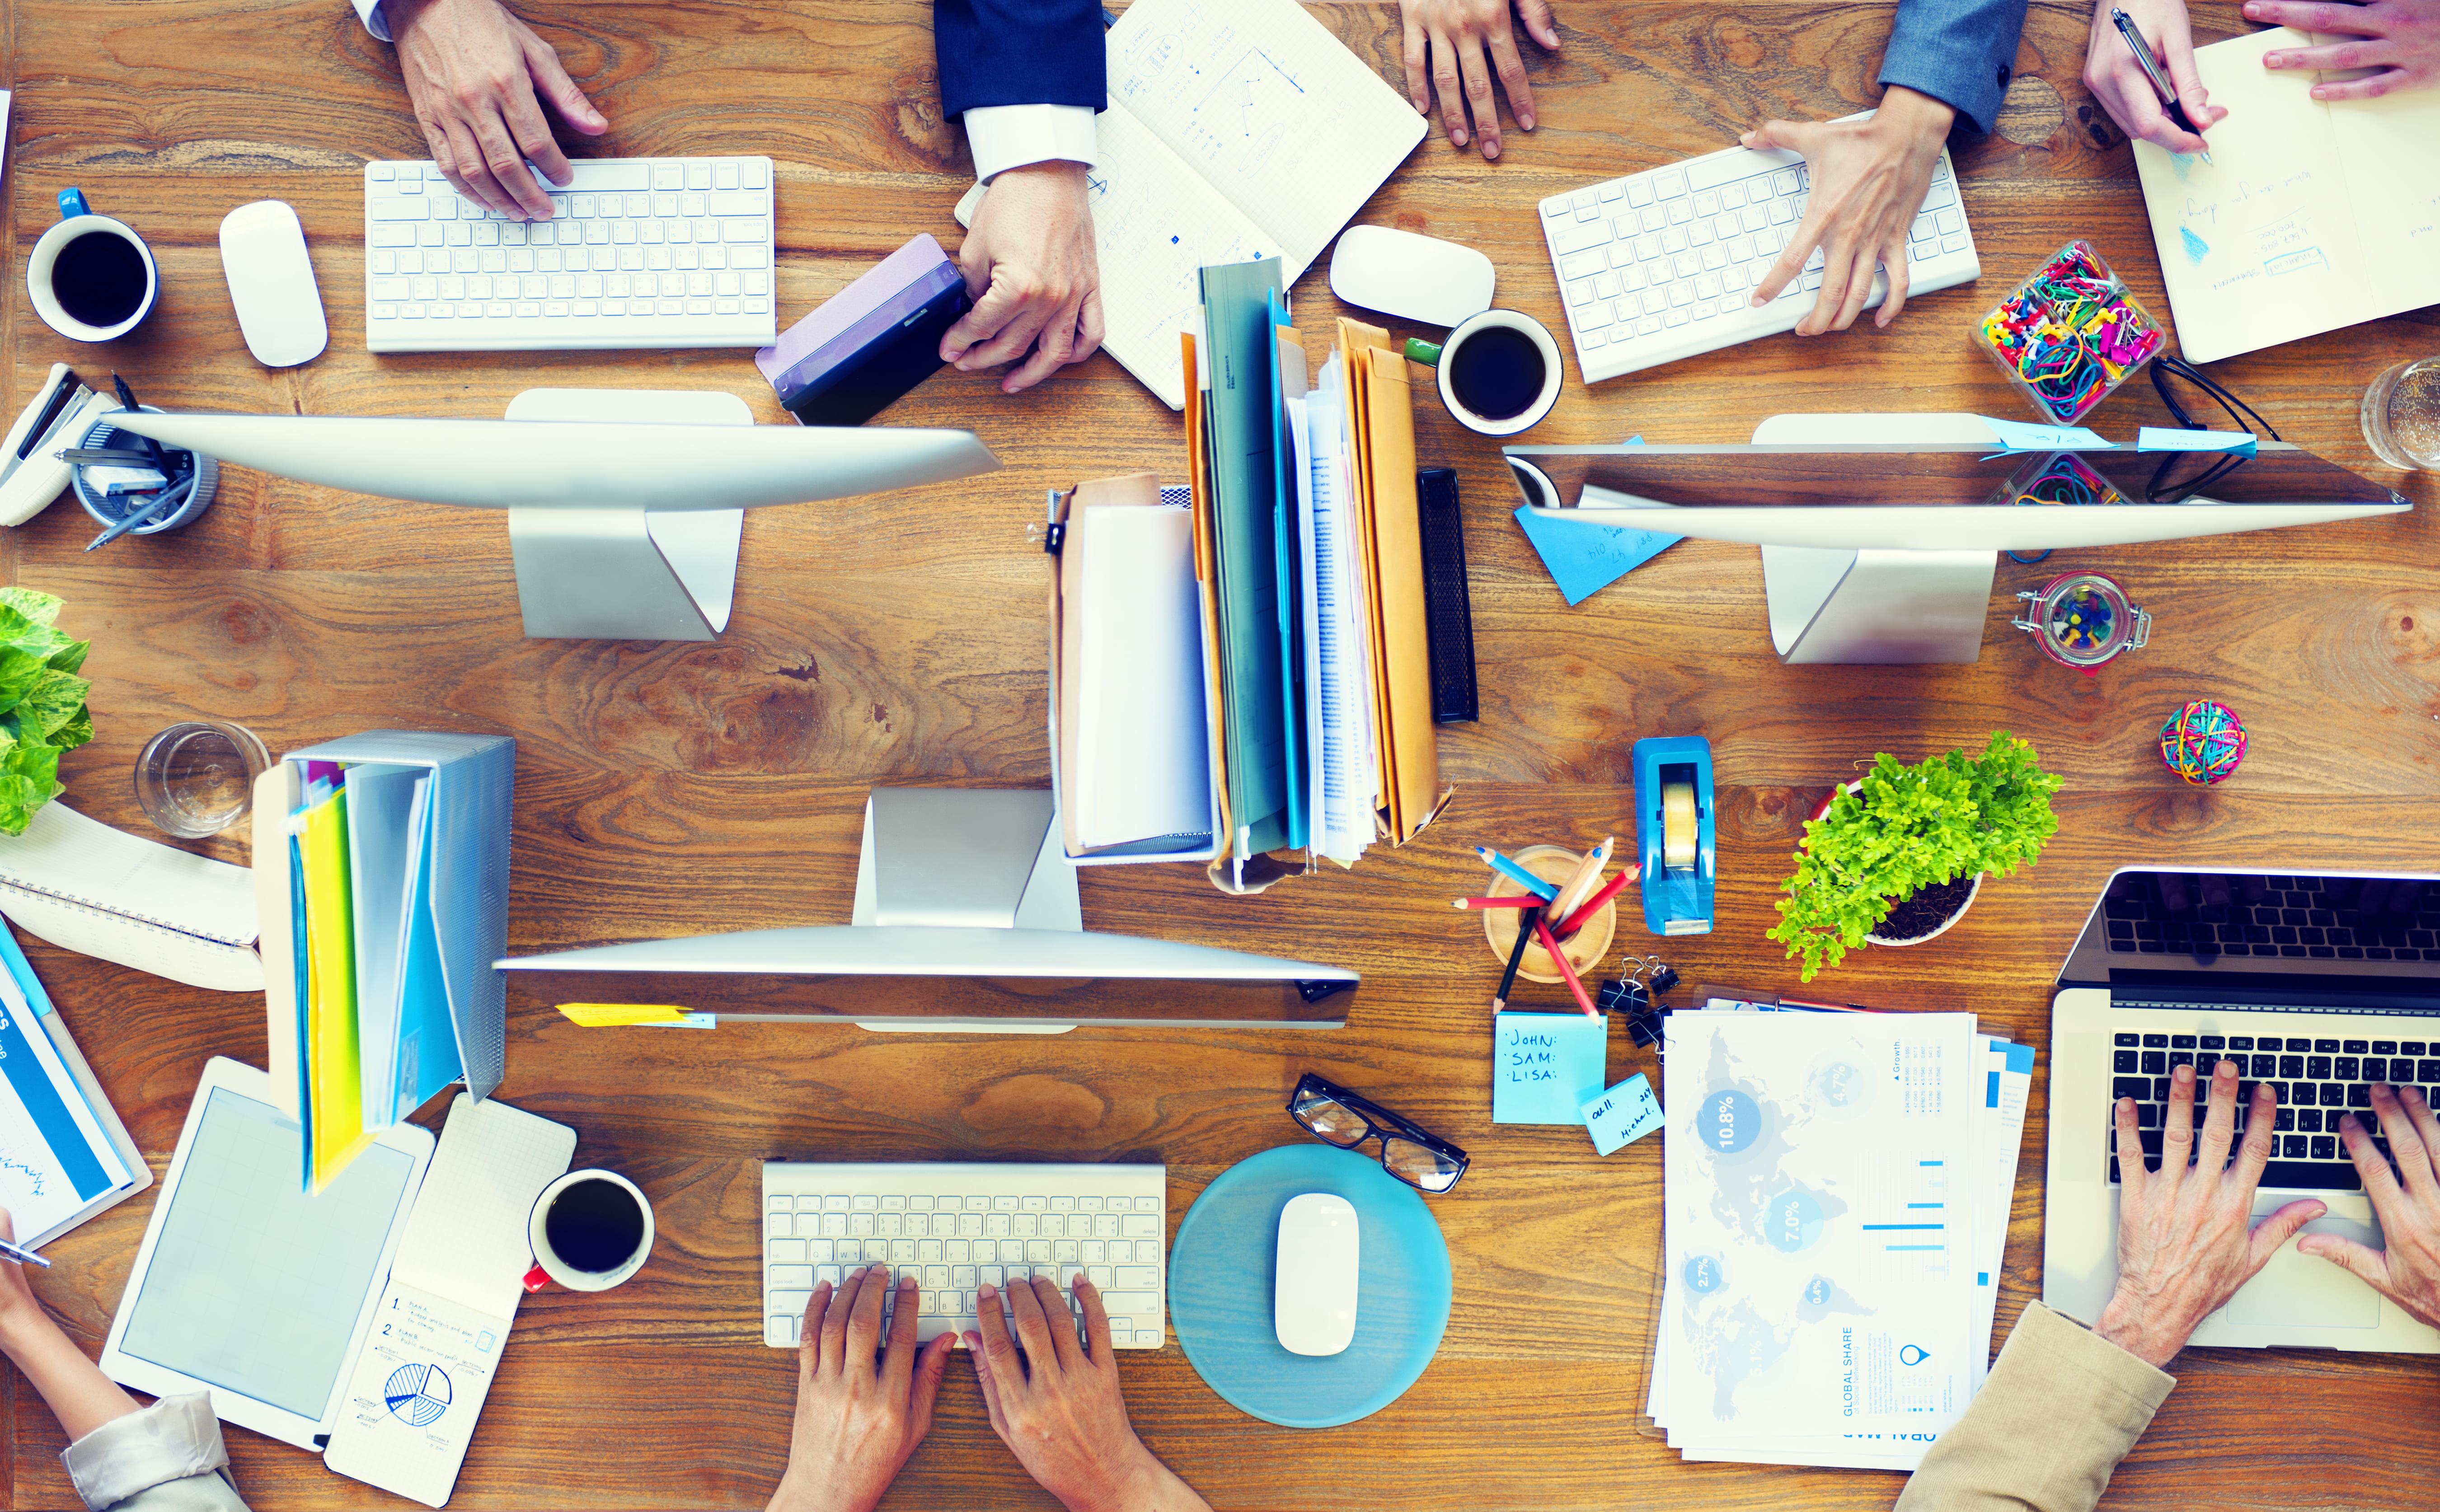 Imagem de pessoas trabalhando para motivar quem quer empreender em Itabaiana